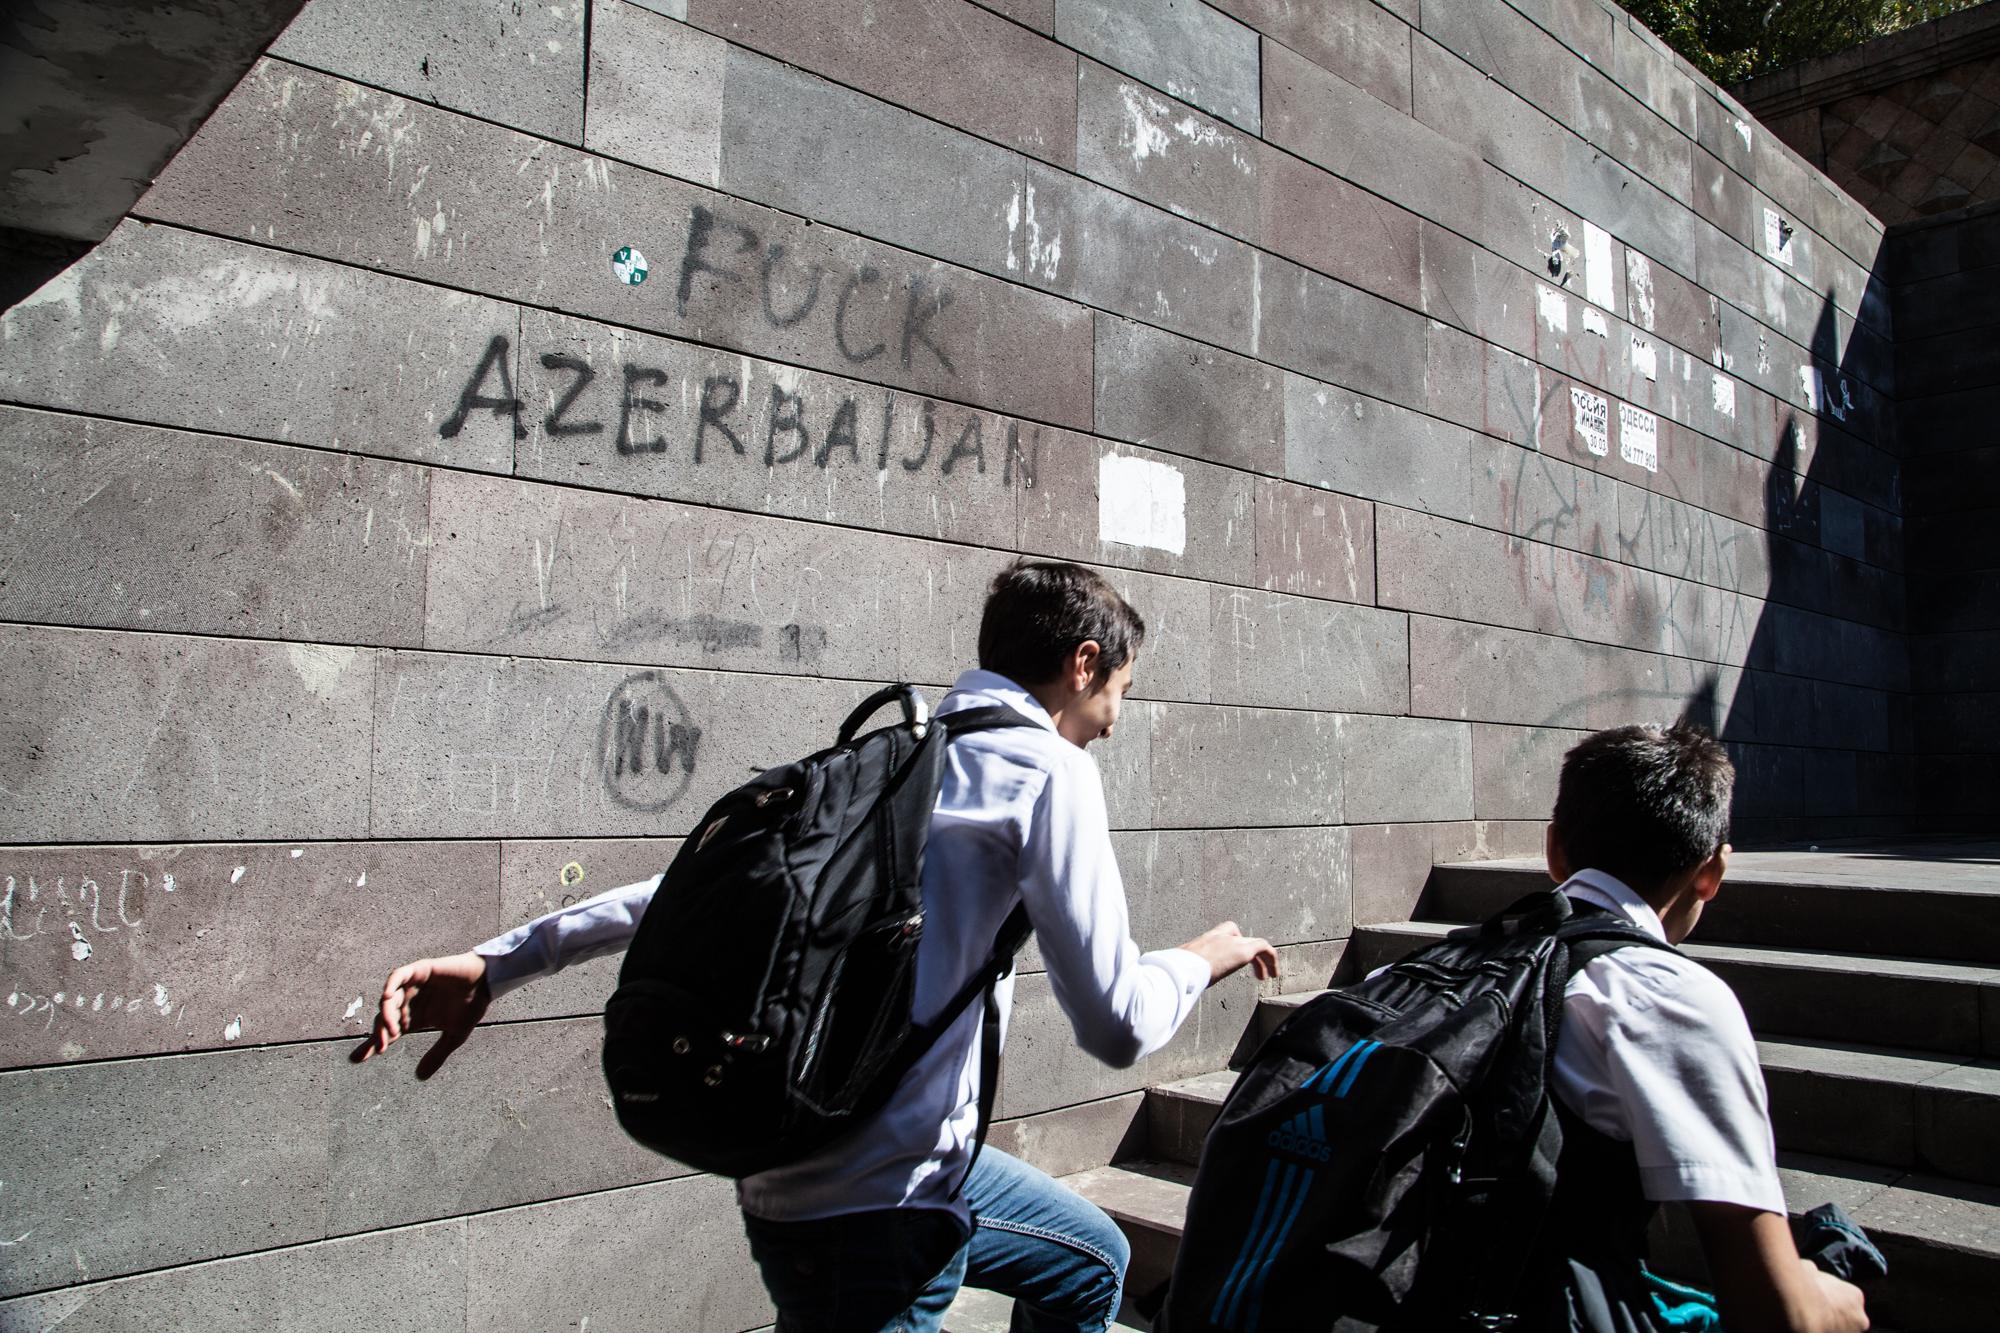 Dans la ville, des collégiens sur le trajet. Chaque garçon du pays part au service militaire pendant deux ans, de dix-huit à vingt ans, sur le front avec l'Azerbaïdjan.